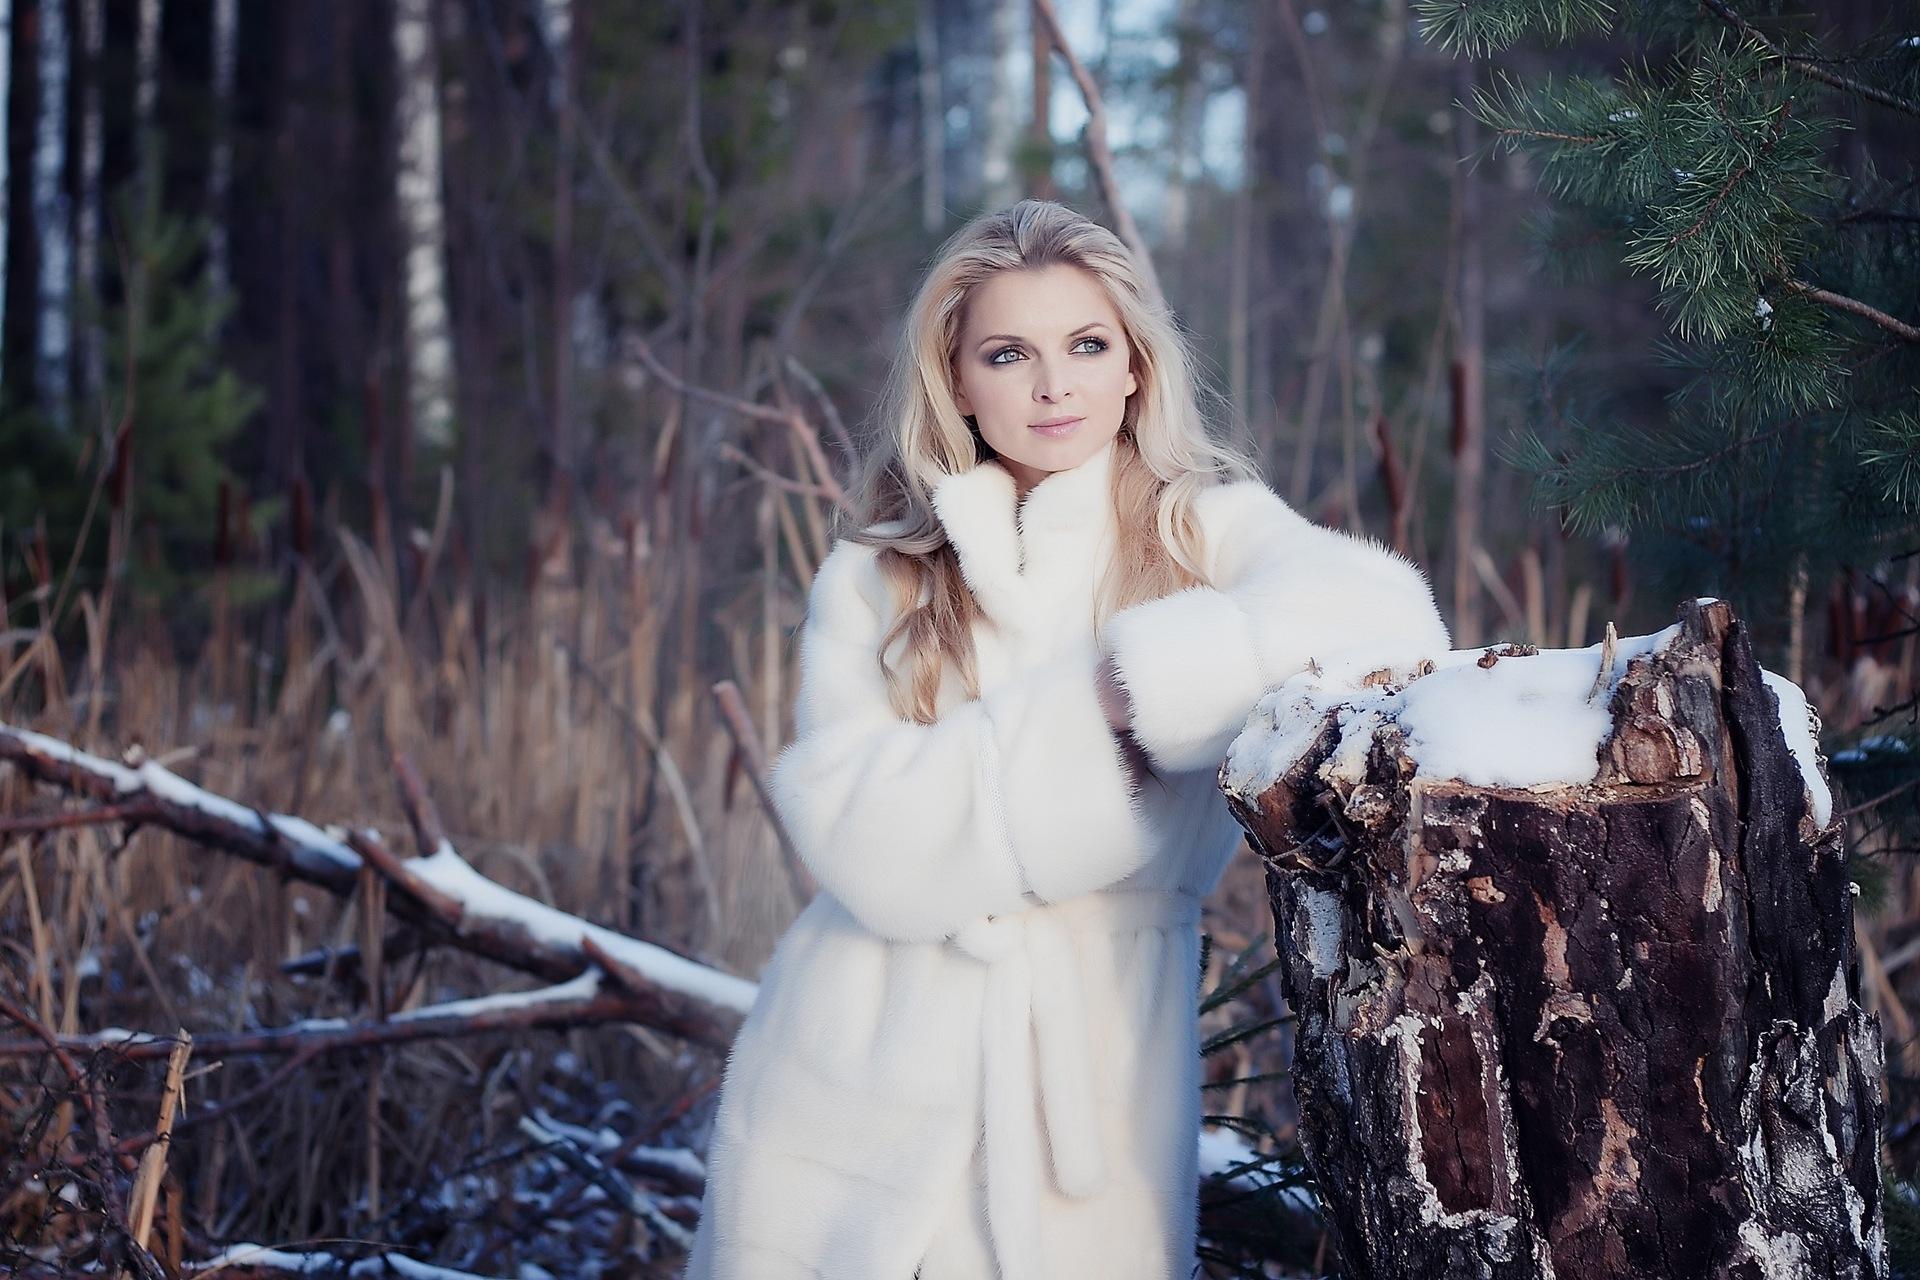 Скандинавская норка: как выбрать хороший мех